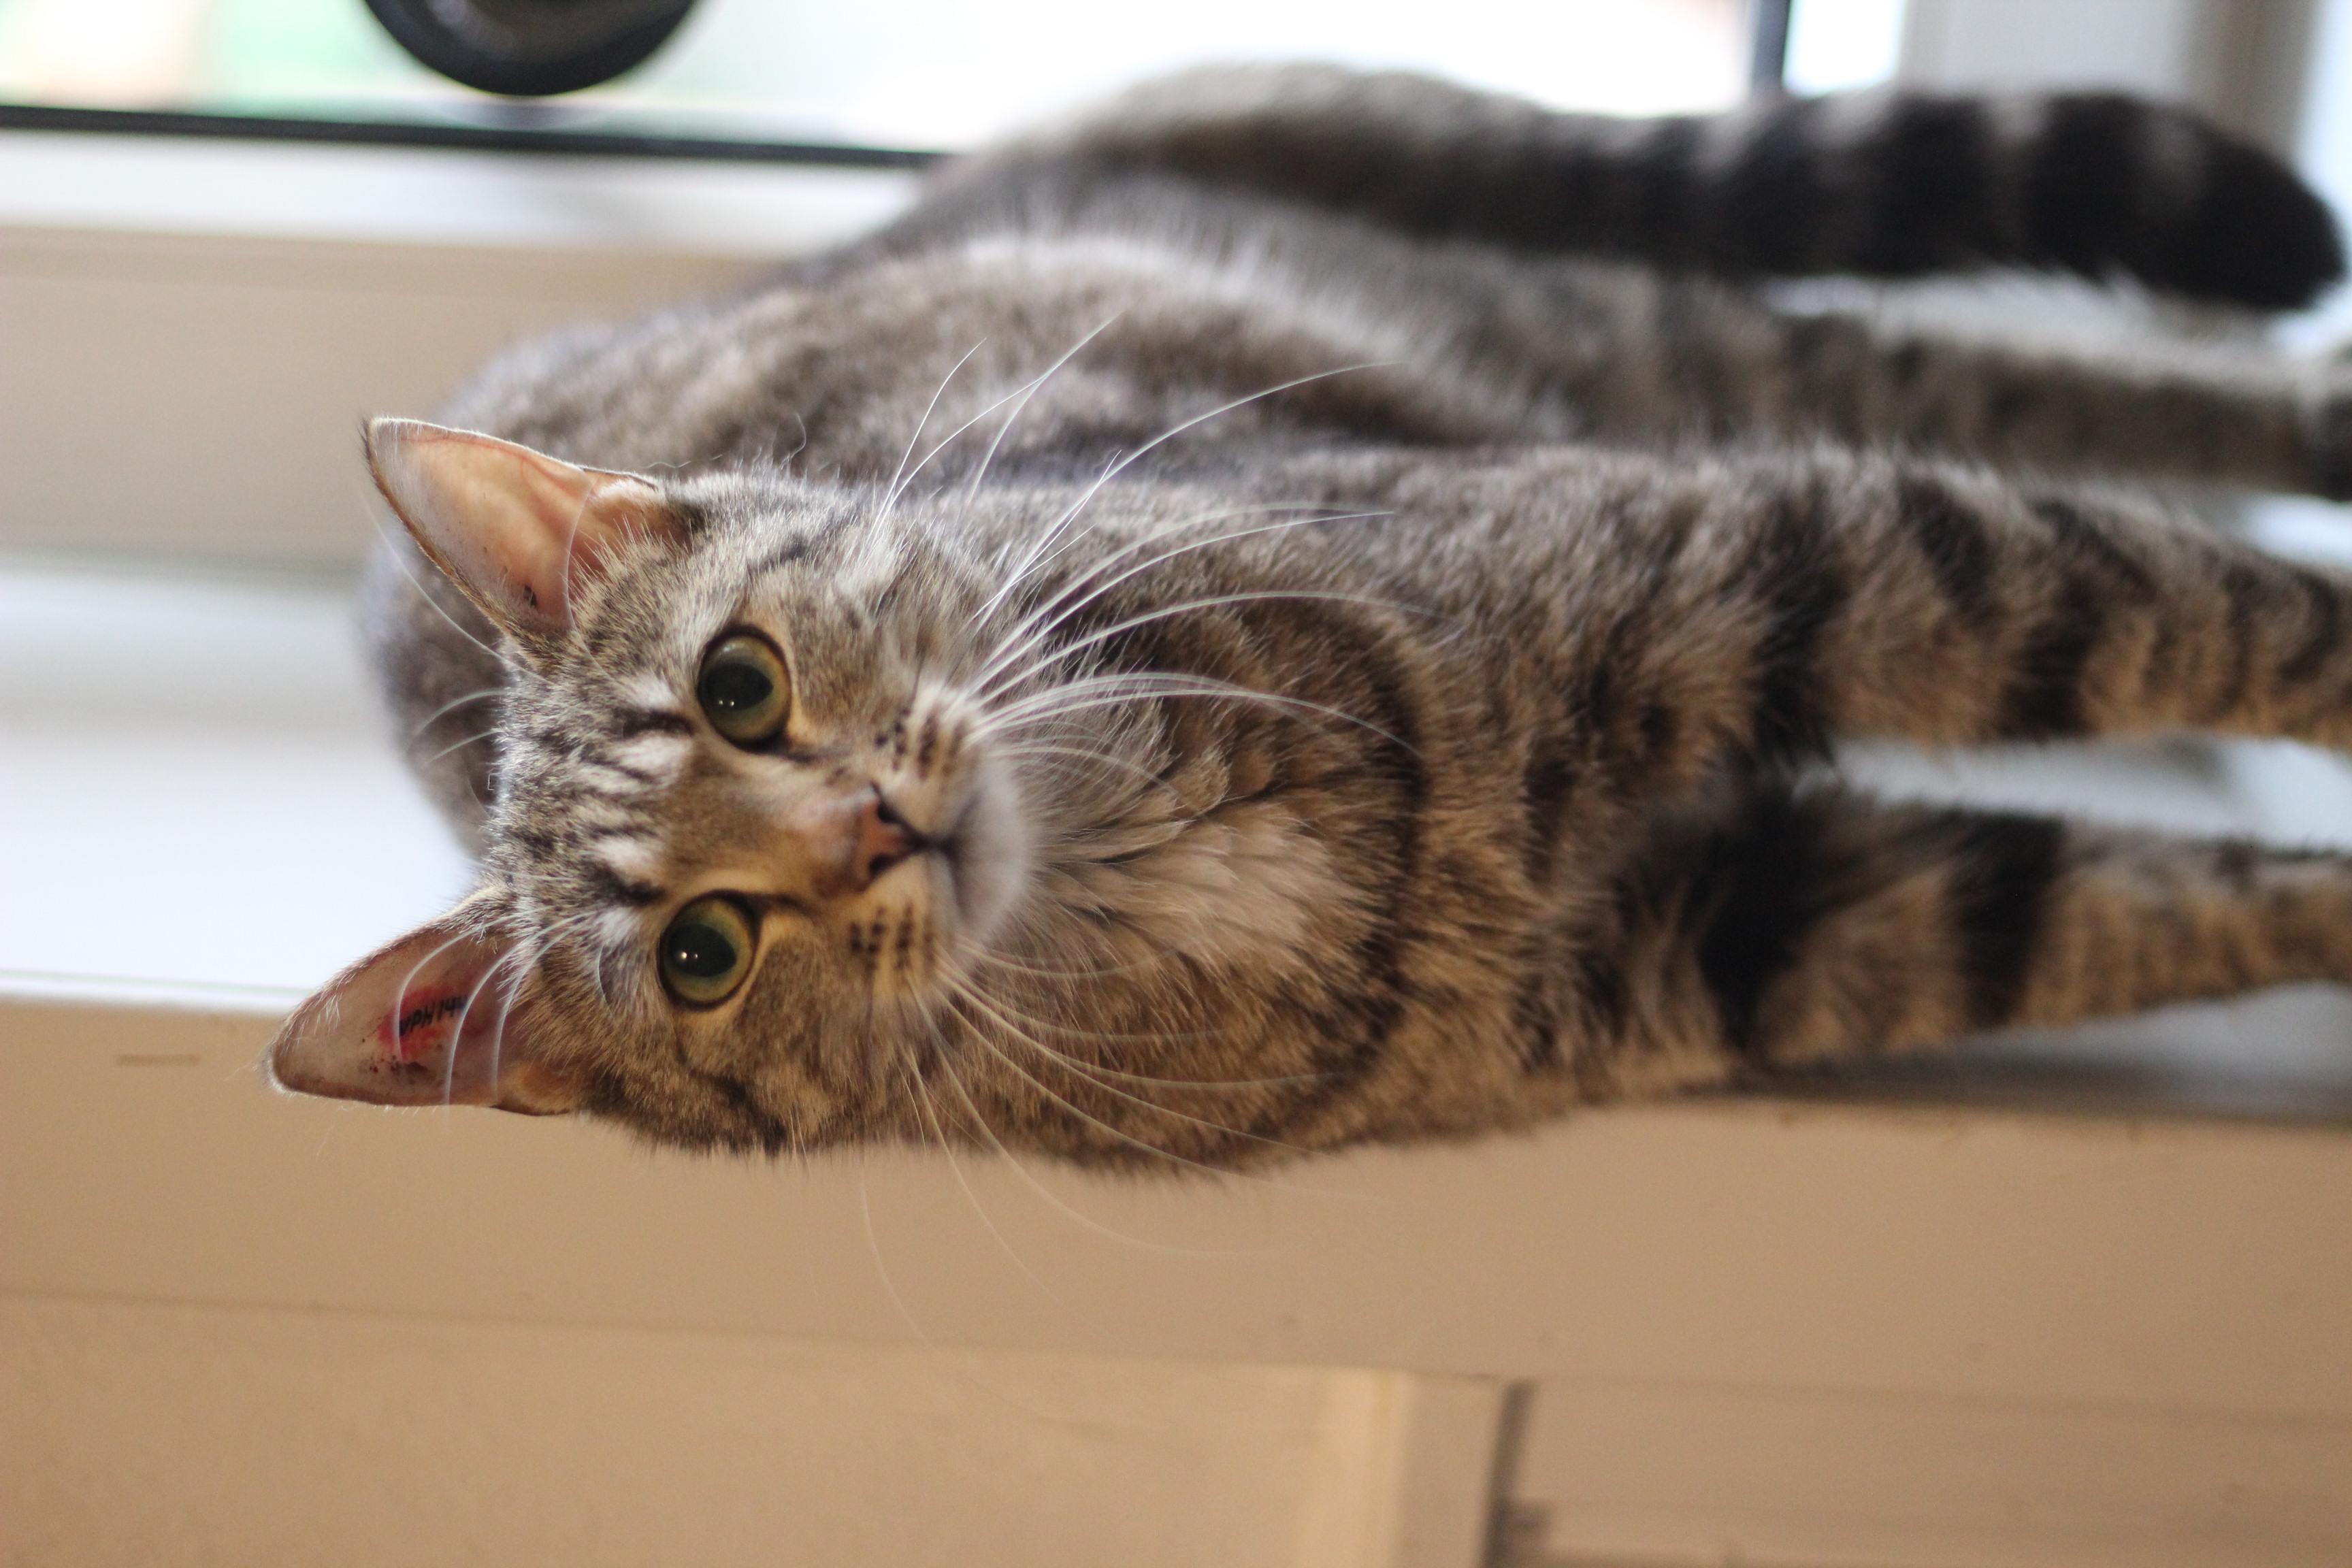 Tulle er en lækker hunkat på 1 år. hun elsker selskab og kan med andre katte